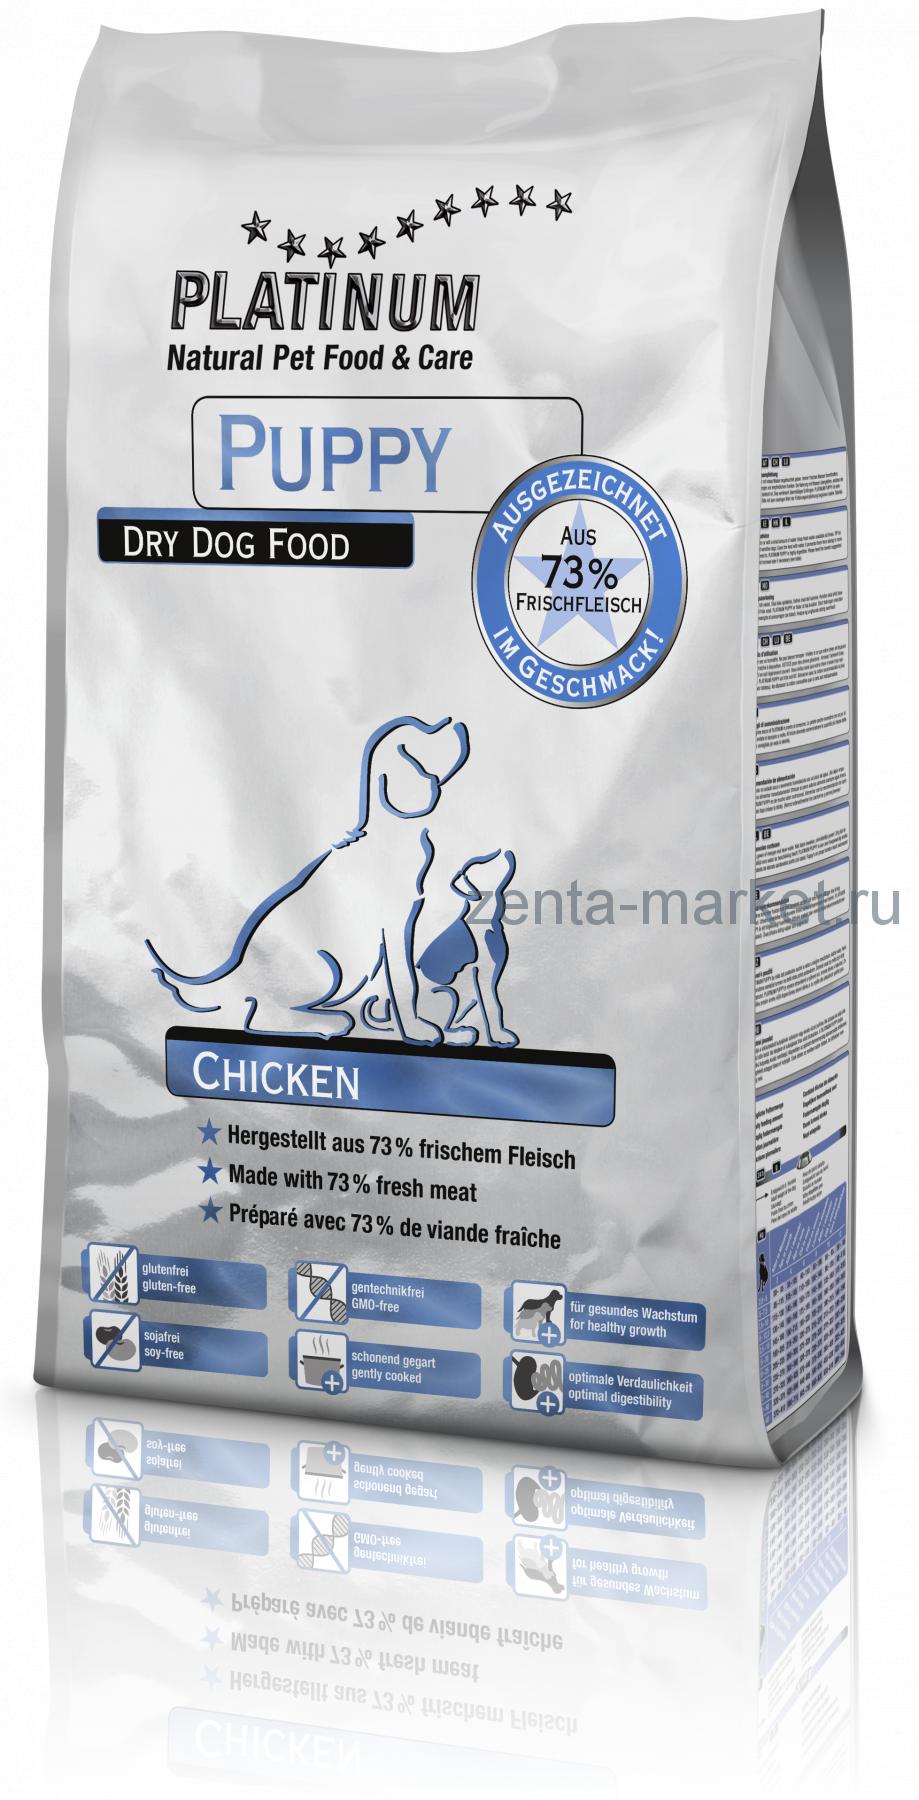 Platinum Сhiken Puppy (курица для щенков) 1.5кг, 5кг, 10 кг, 15кг, 31.5 кг;